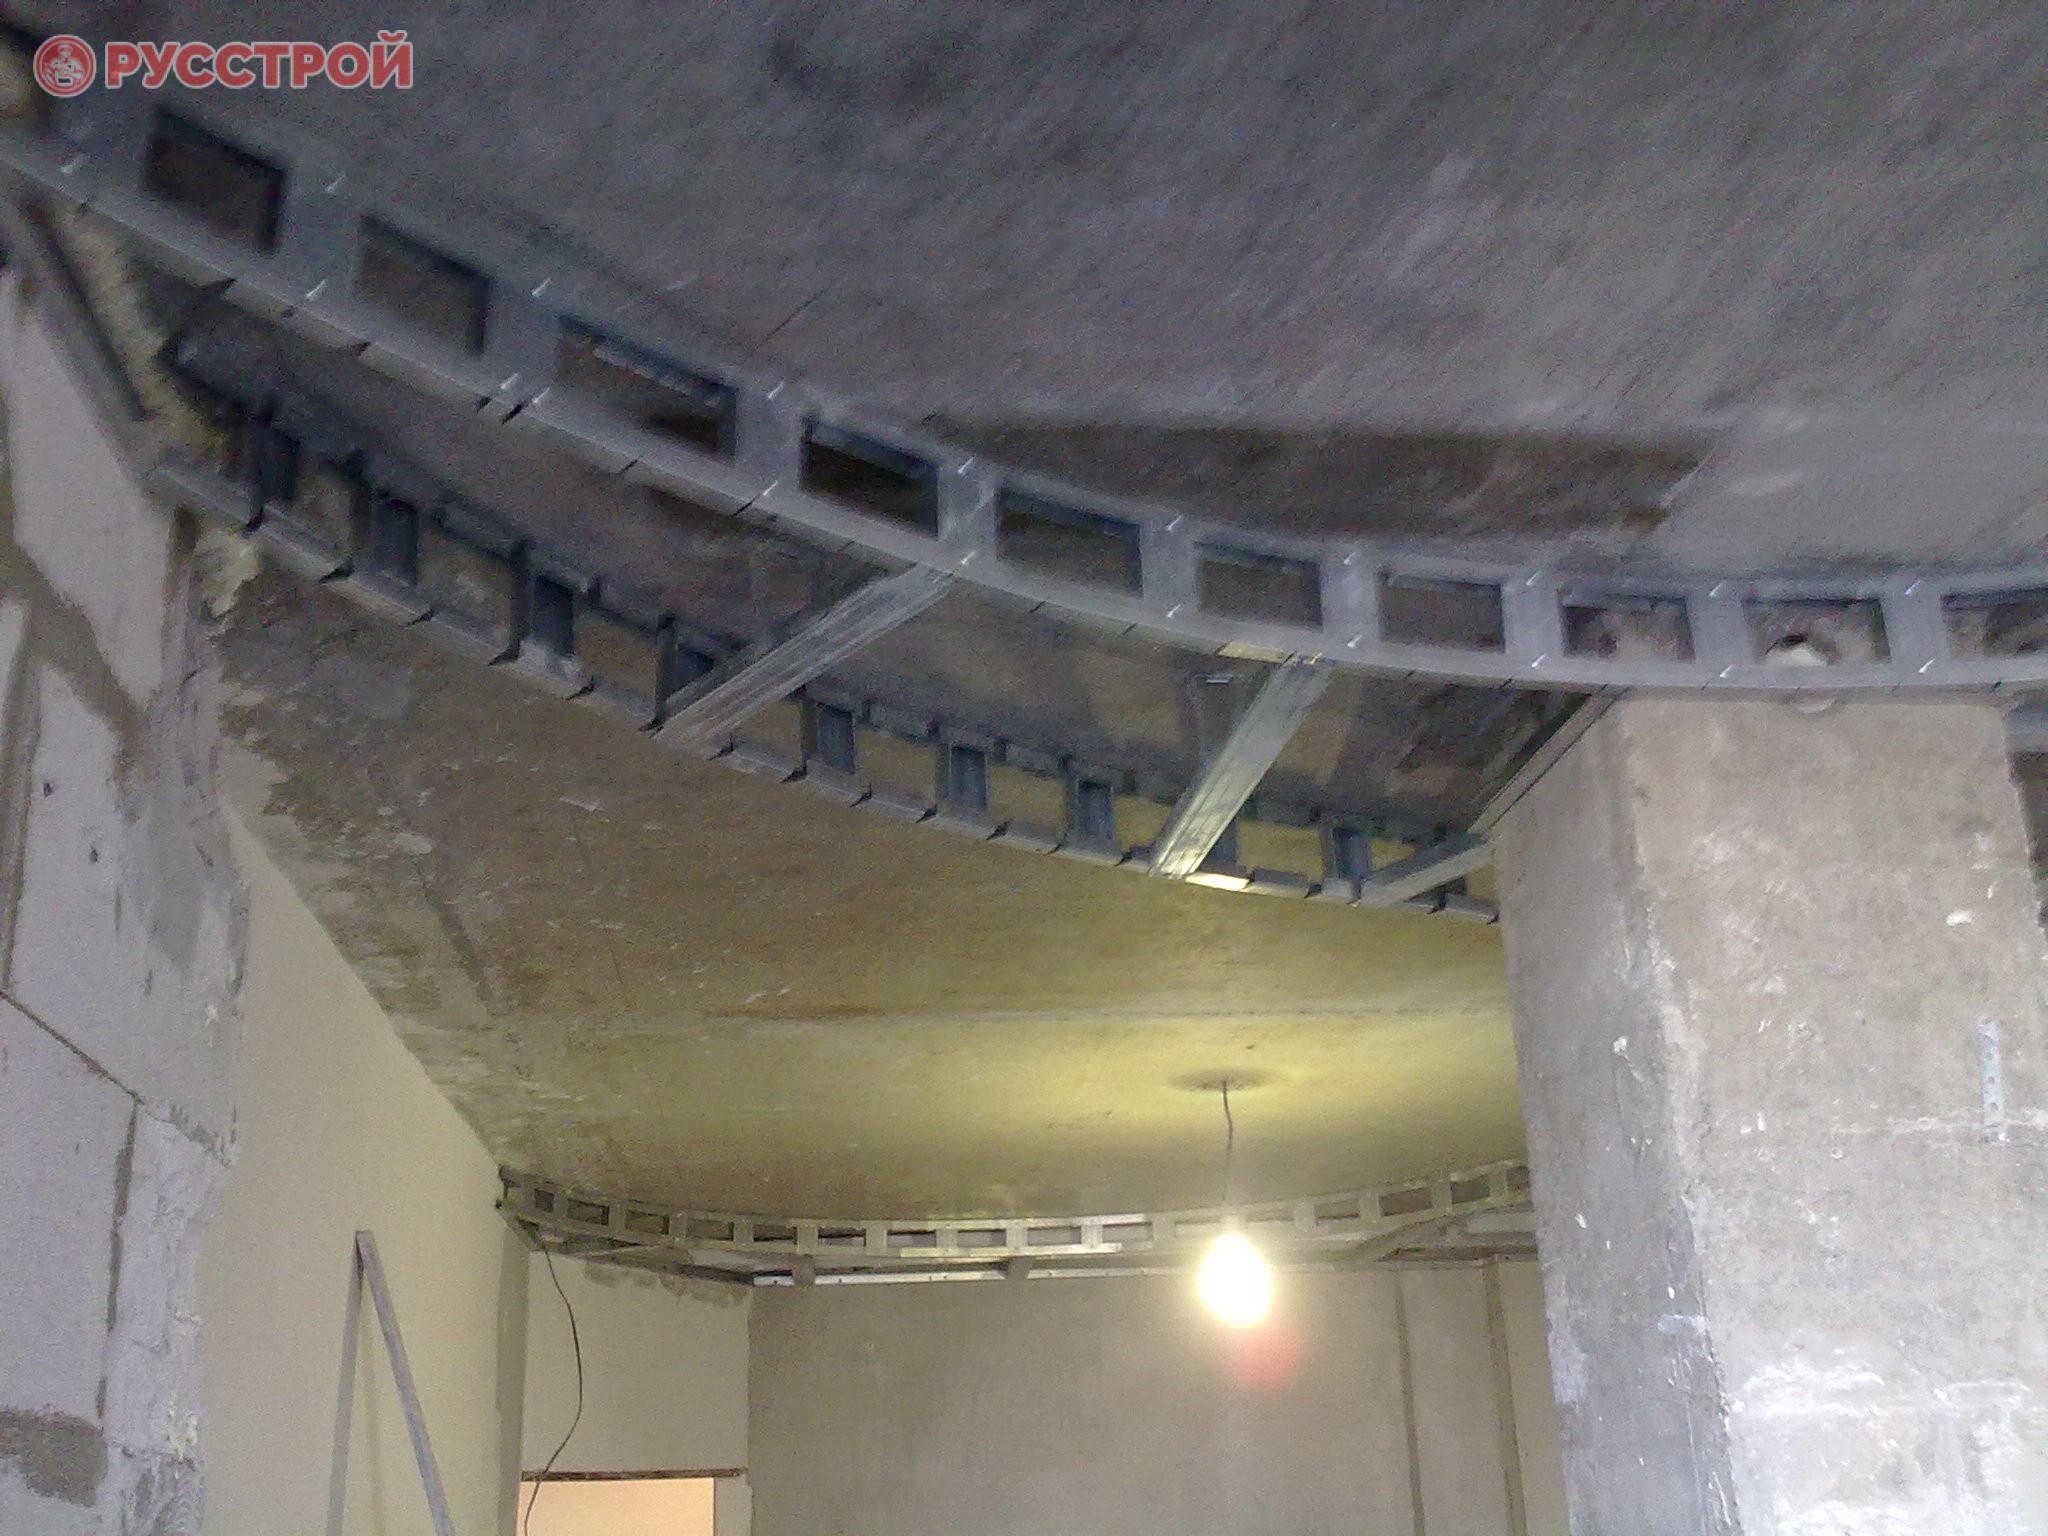 Монтаж каркаса на потолке для гипсокартона. Сделано ООО 'Русстрой' г. Калуга